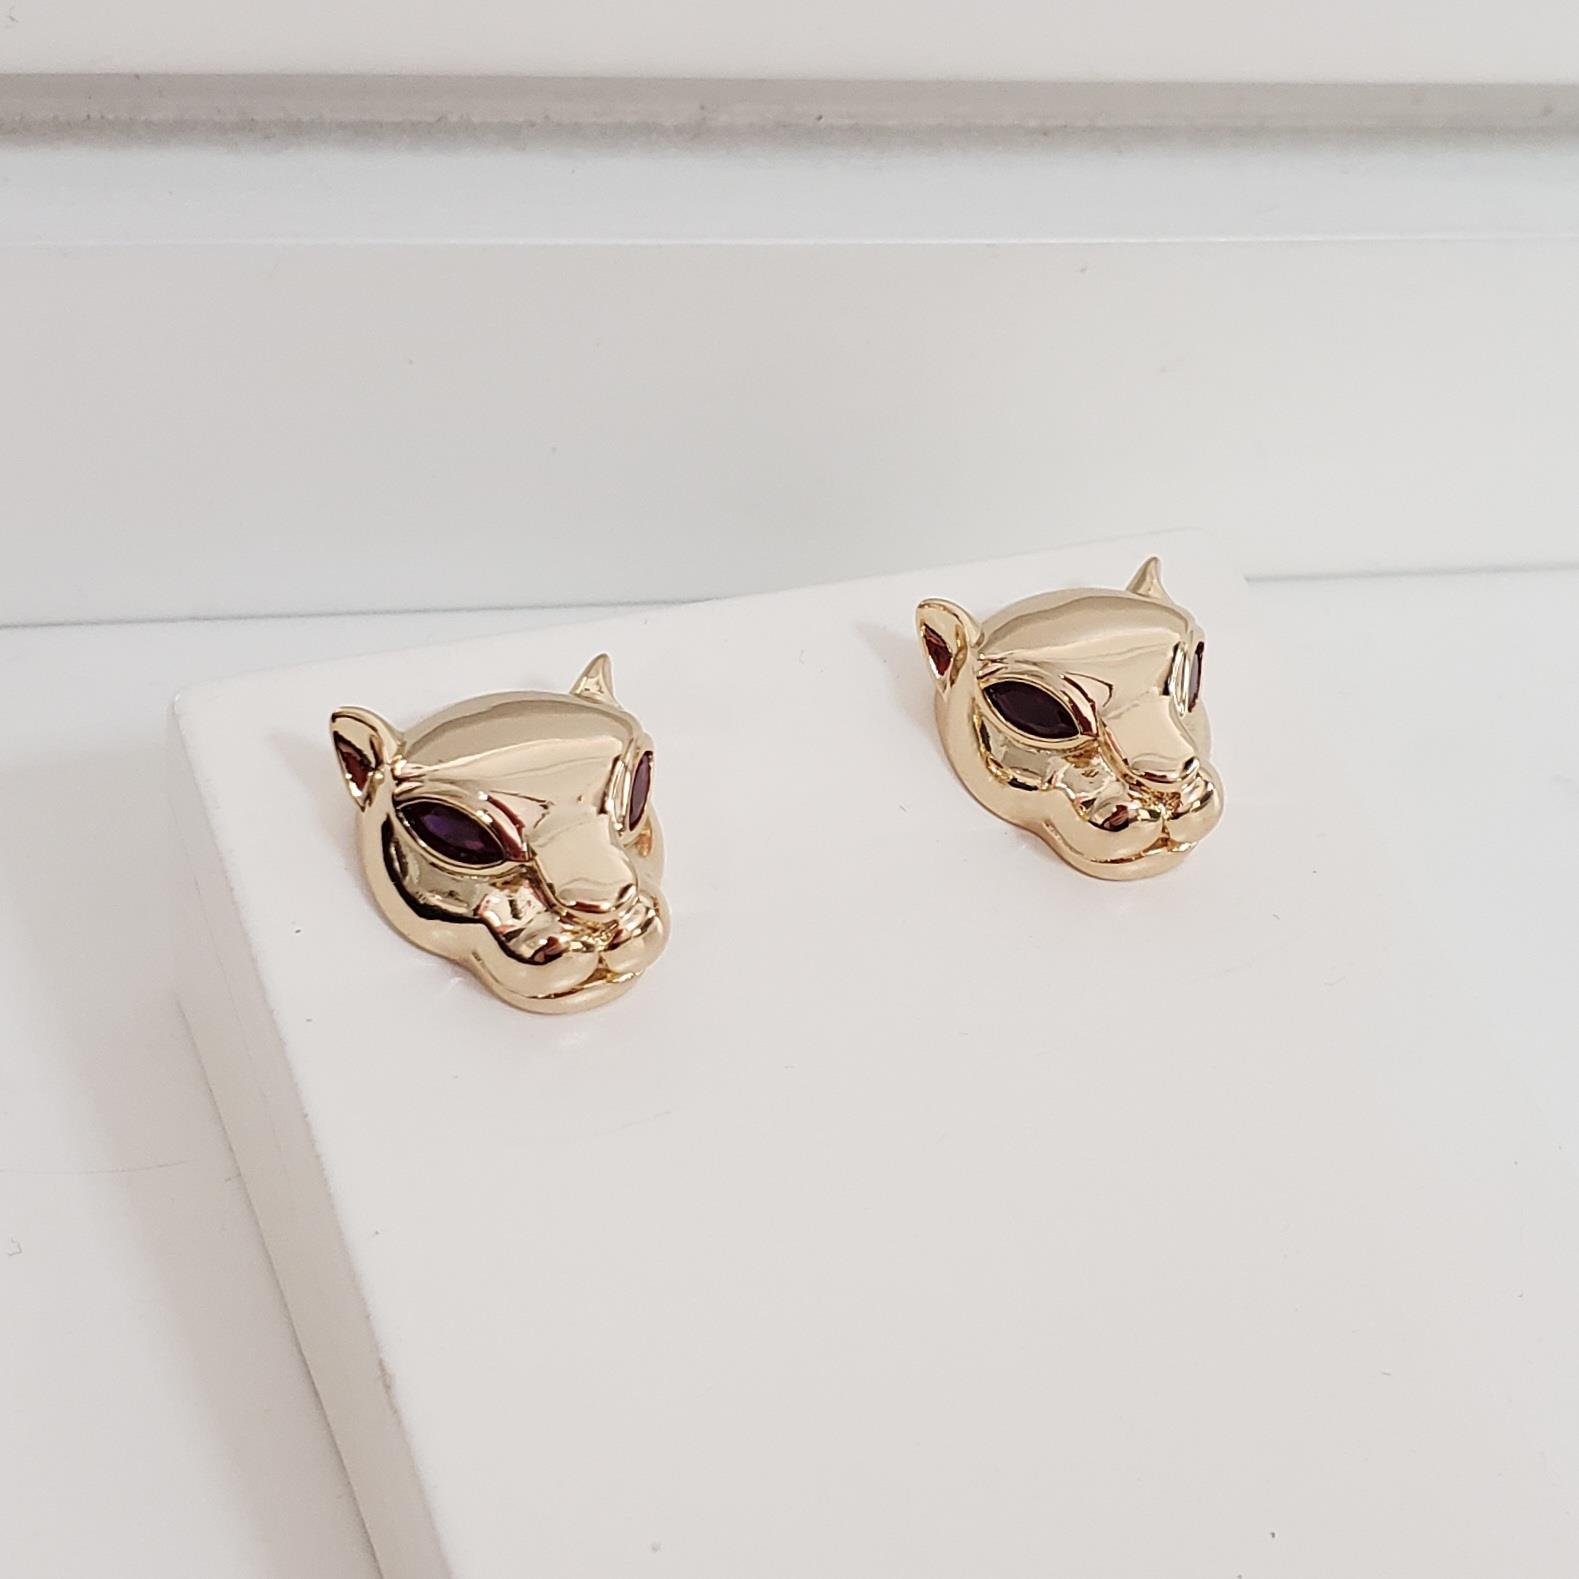 Brinco Botão Cabeça Leopardo com Olho Cristal Vermelho no Banho Ouro 18k Semijoia